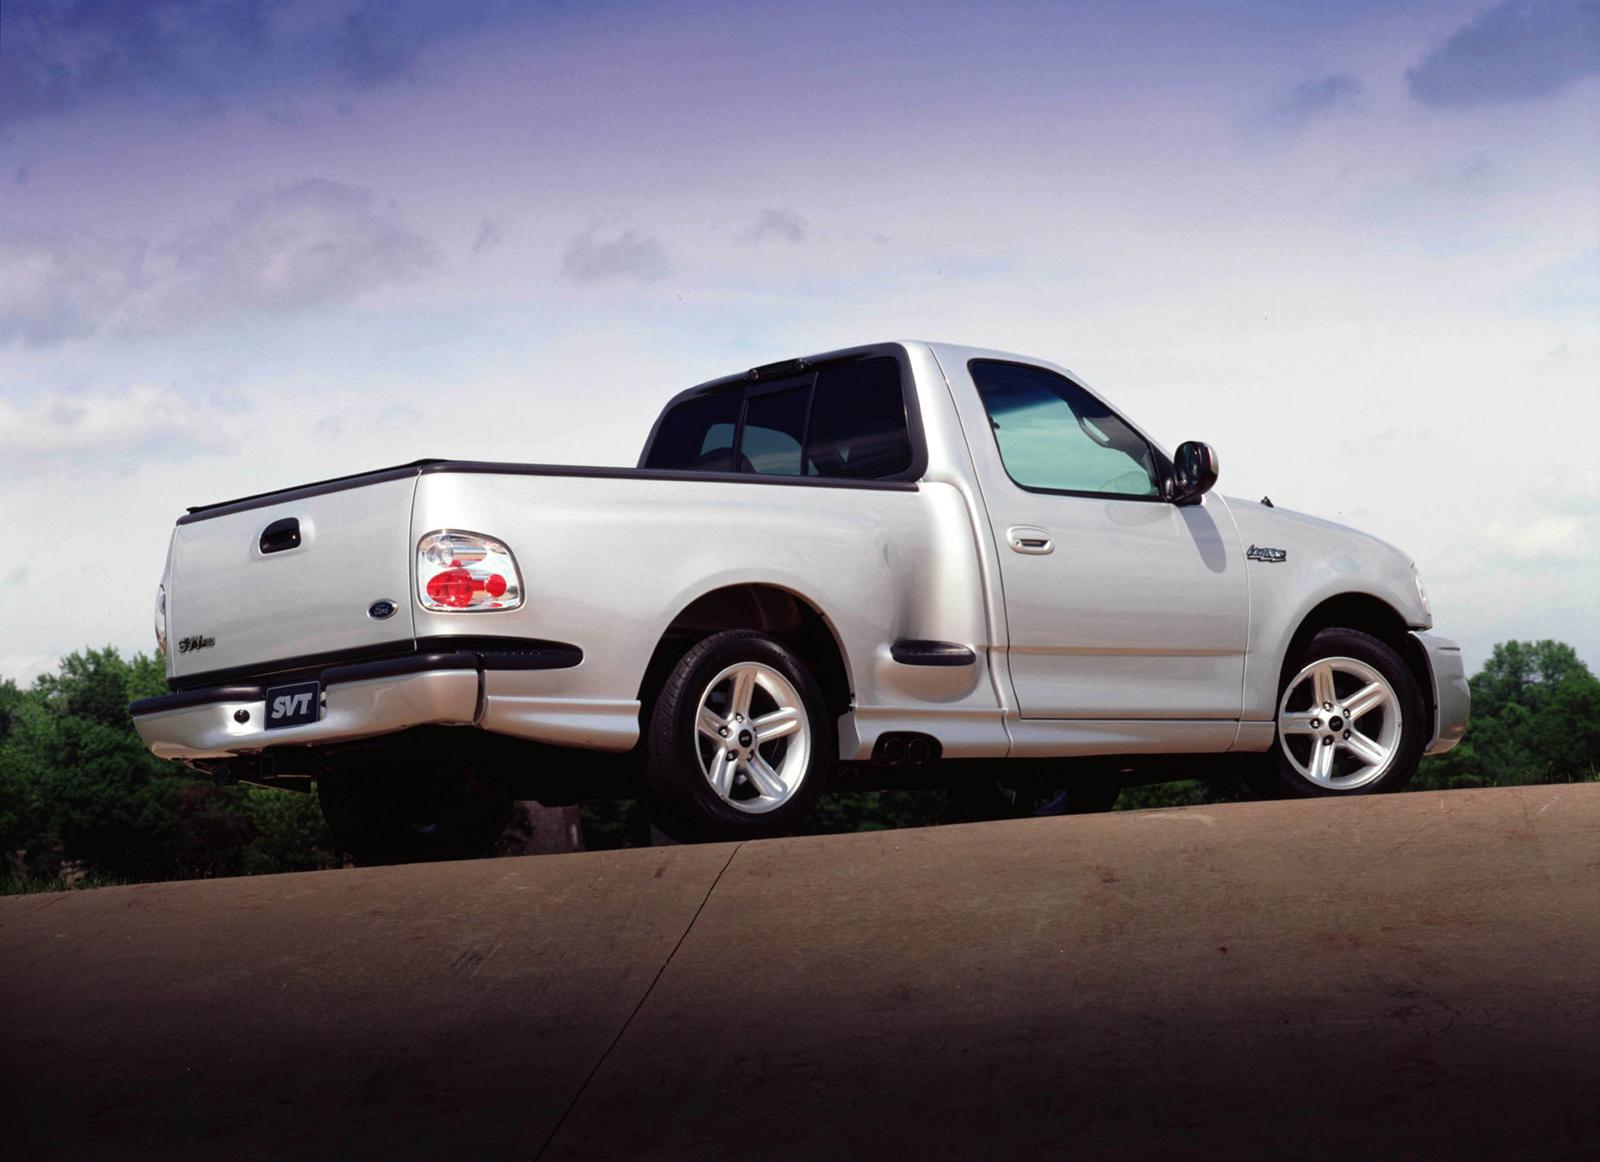 2004 Silver Ford SVT Lightning Rear Three-Quarter